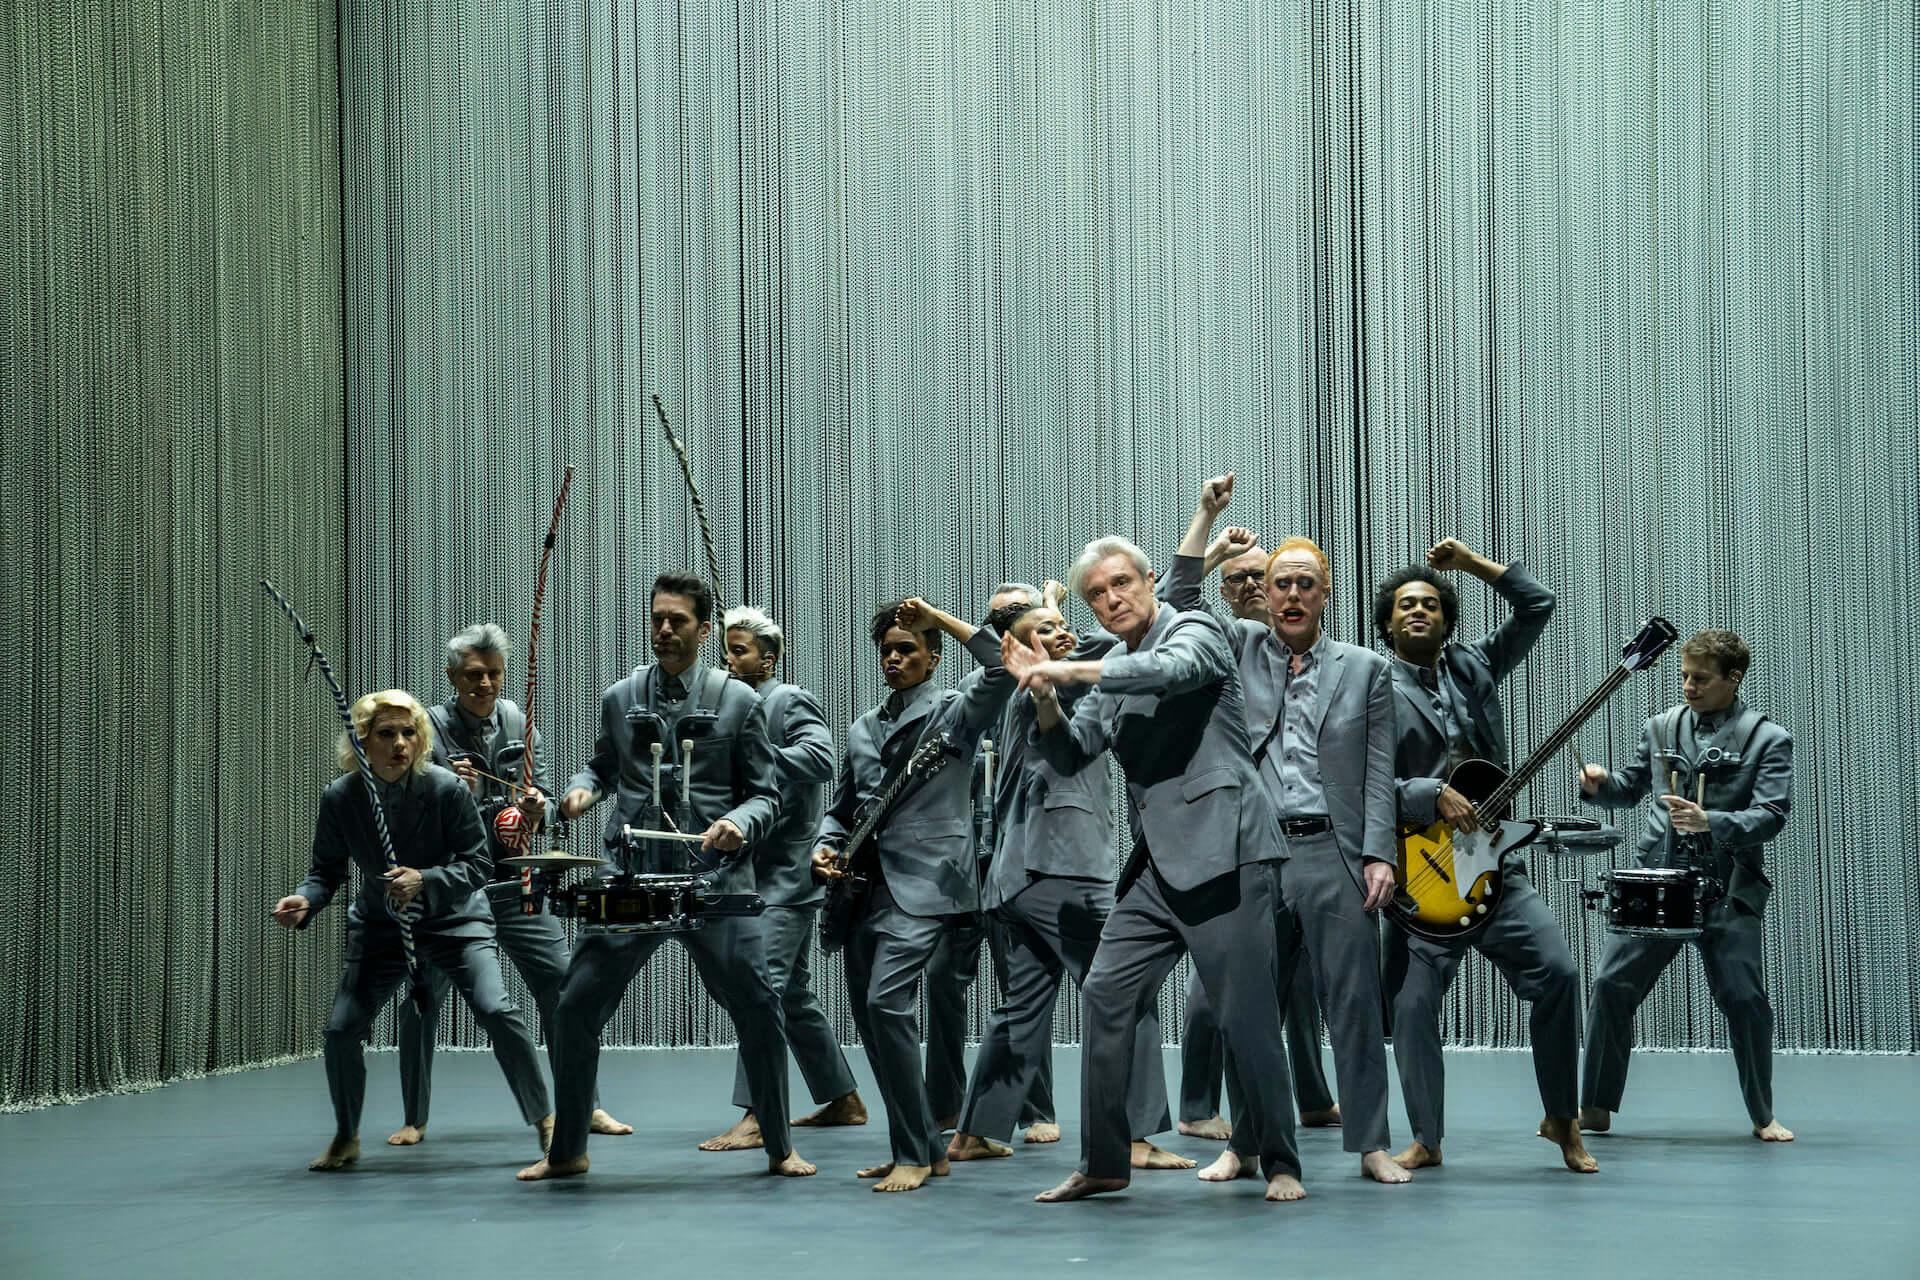 元Talking Heads・David Byrneとスパイク・リー監督のコラボ映画『アメリカン・ユートピア』が日本公開決定!字幕監修はピーター・バラカン film210310_americanutopia_2-1920x1280